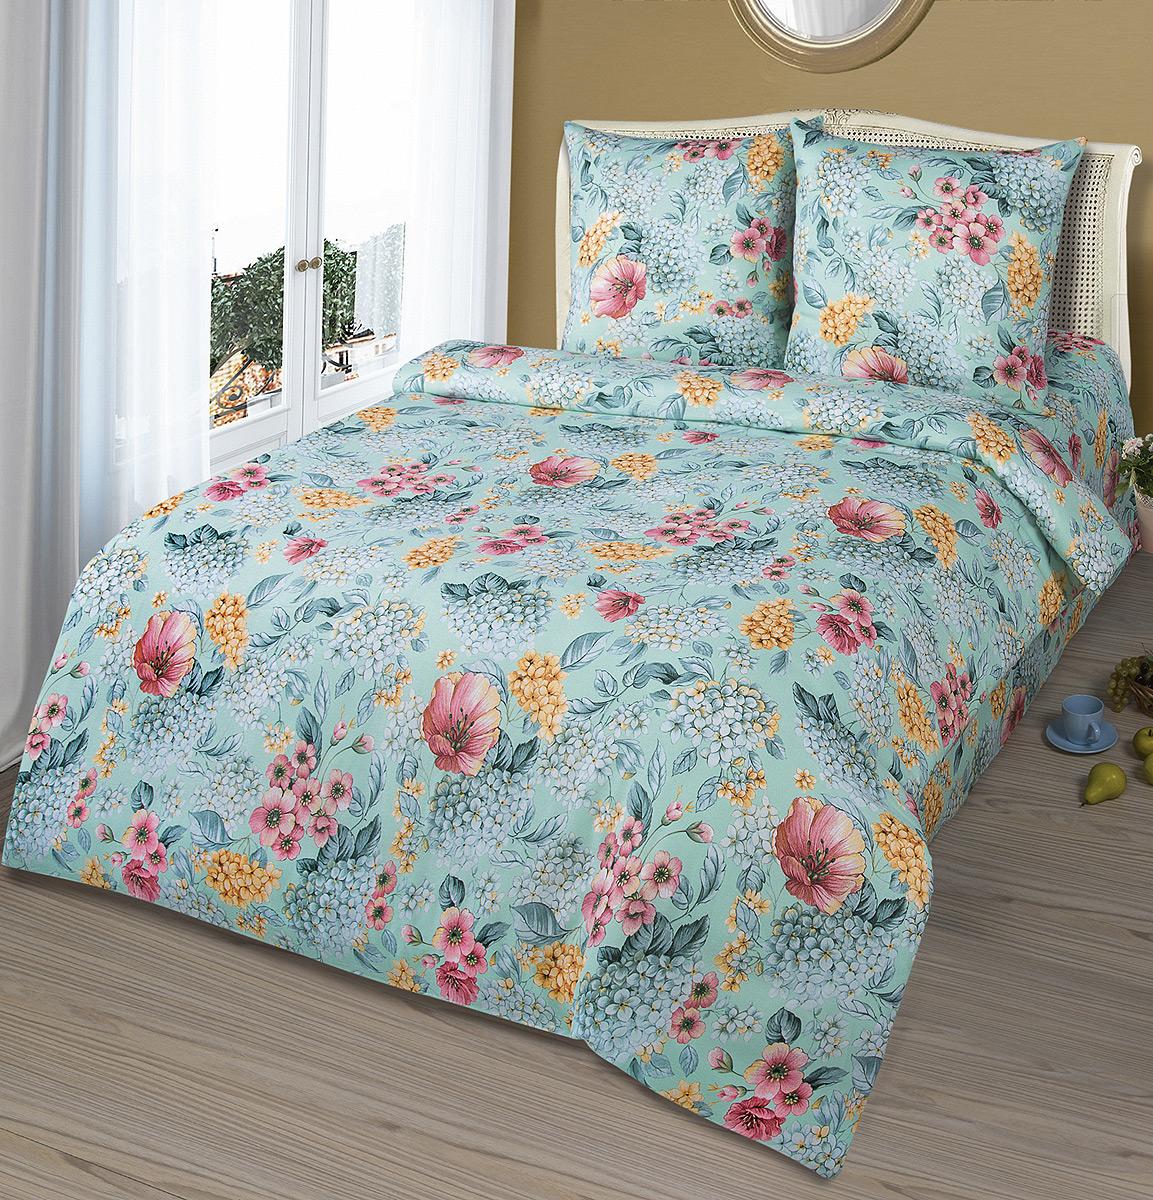 Комплект белья Шоколад Палермо, 2-спальный, наволочки 70x70. Б104Б104Комплект постельного белья Шоколад Палермо является экологически безопасным для всей семьи, так как выполнен из натурального хлопка. Комплект состоит из пододеяльника, простыни и двух наволочек. Постельное белье оформлено оригинальным рисунком и имеет изысканный внешний вид. Бязь - это ткань полотняного переплетения, изготовленная из экологически чистого и натурального 100% хлопка. Она прочная, мягкая, обладает низкой сминаемостью, легко стирается и хорошо гладится. Бязь прекрасно пропускает воздух и за ней легко ухаживать. При соблюдении рекомендуемых условий стирки, сушки и глажения ткань имеет усадку по ГОСТу, сохранятся яркость текстильных рисунков. Приобретая комплект постельного белья Шоколад Палермо, вы можете быть уверены в том, что покупка доставит вам и вашим близким удовольствие и подарит максимальный комфорт.